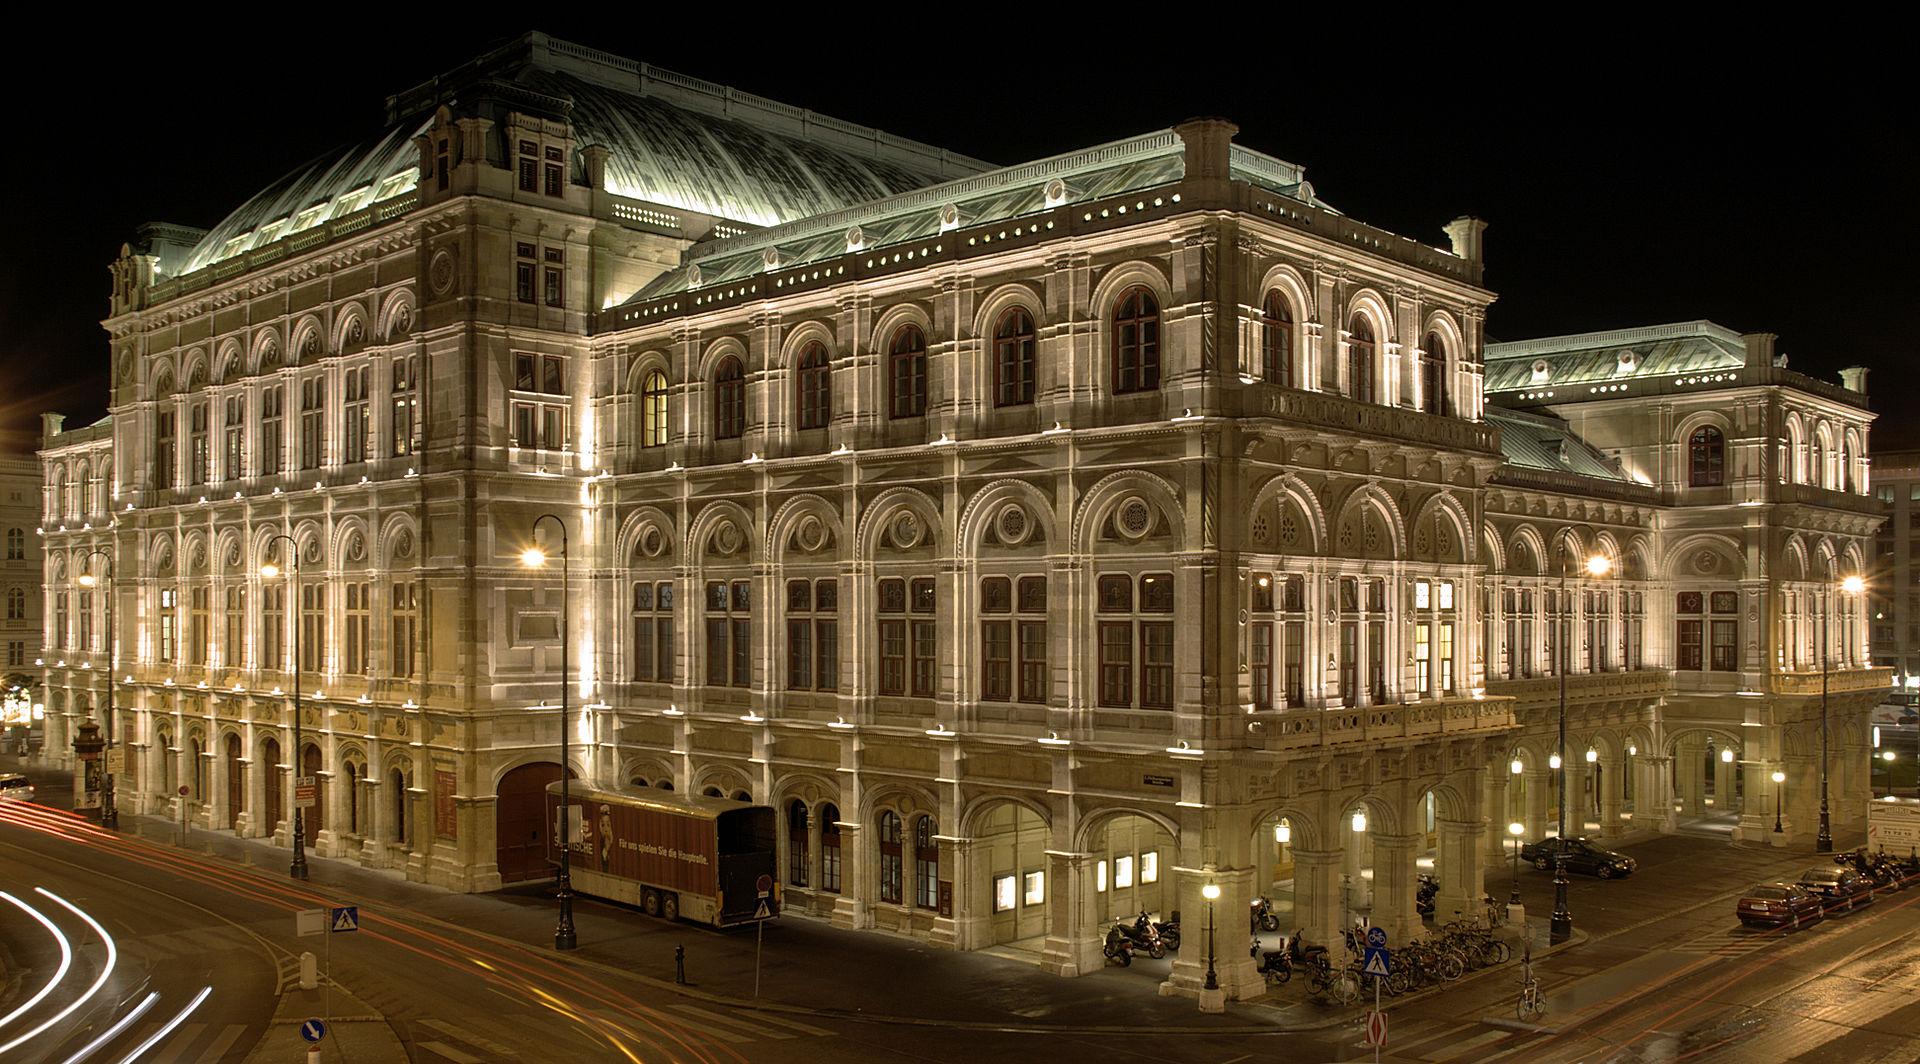 Ausztria 2020 -  Látogatás az Operaházban és a Hof - Bécs, Szállás nélkül